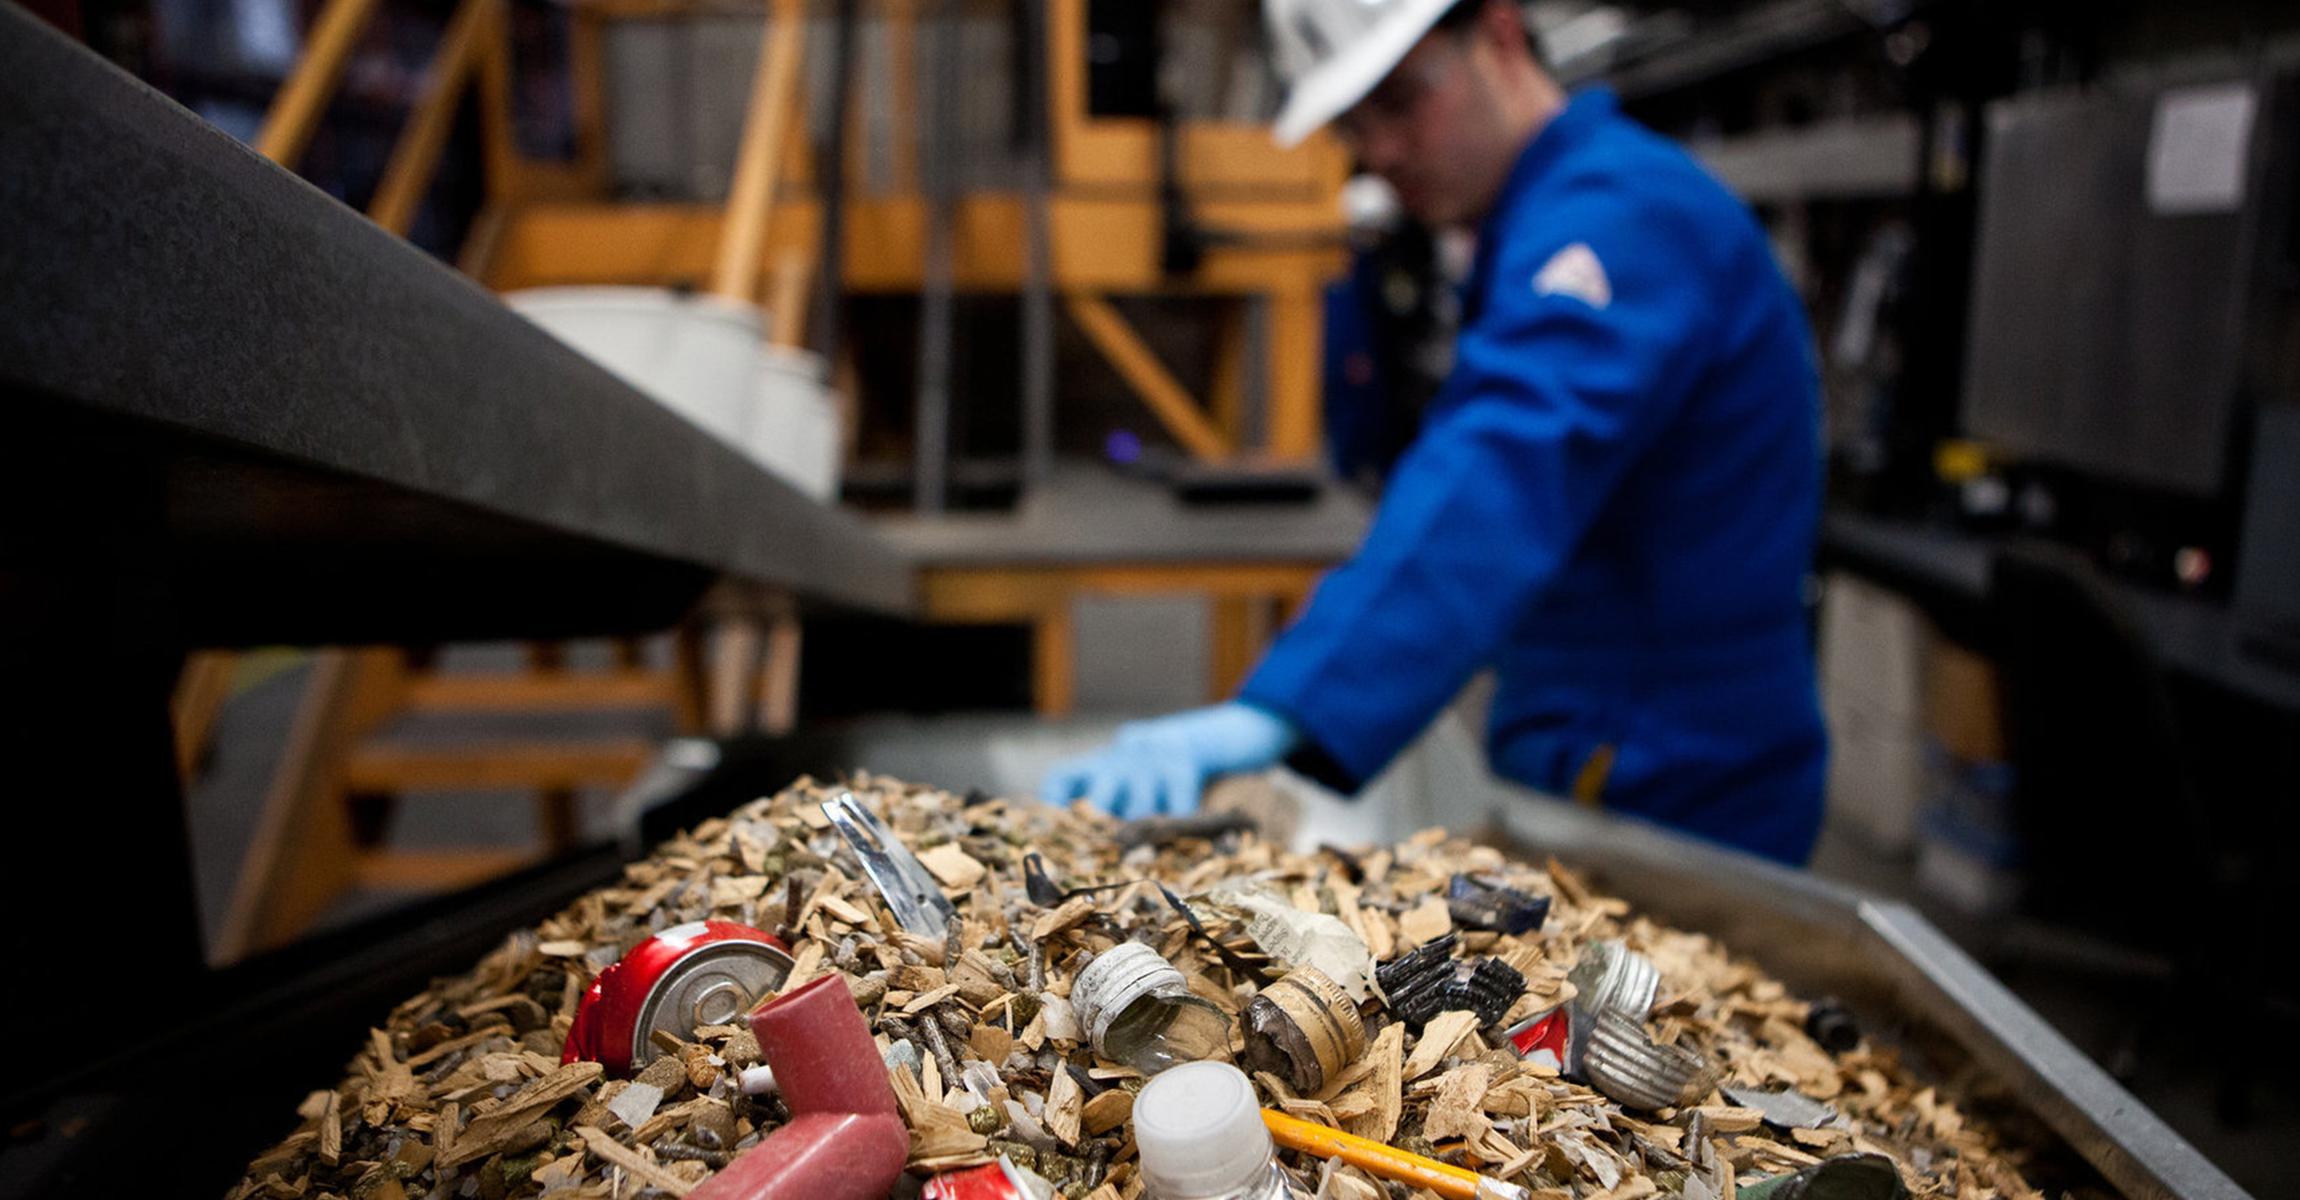 производство-контроль-отходы